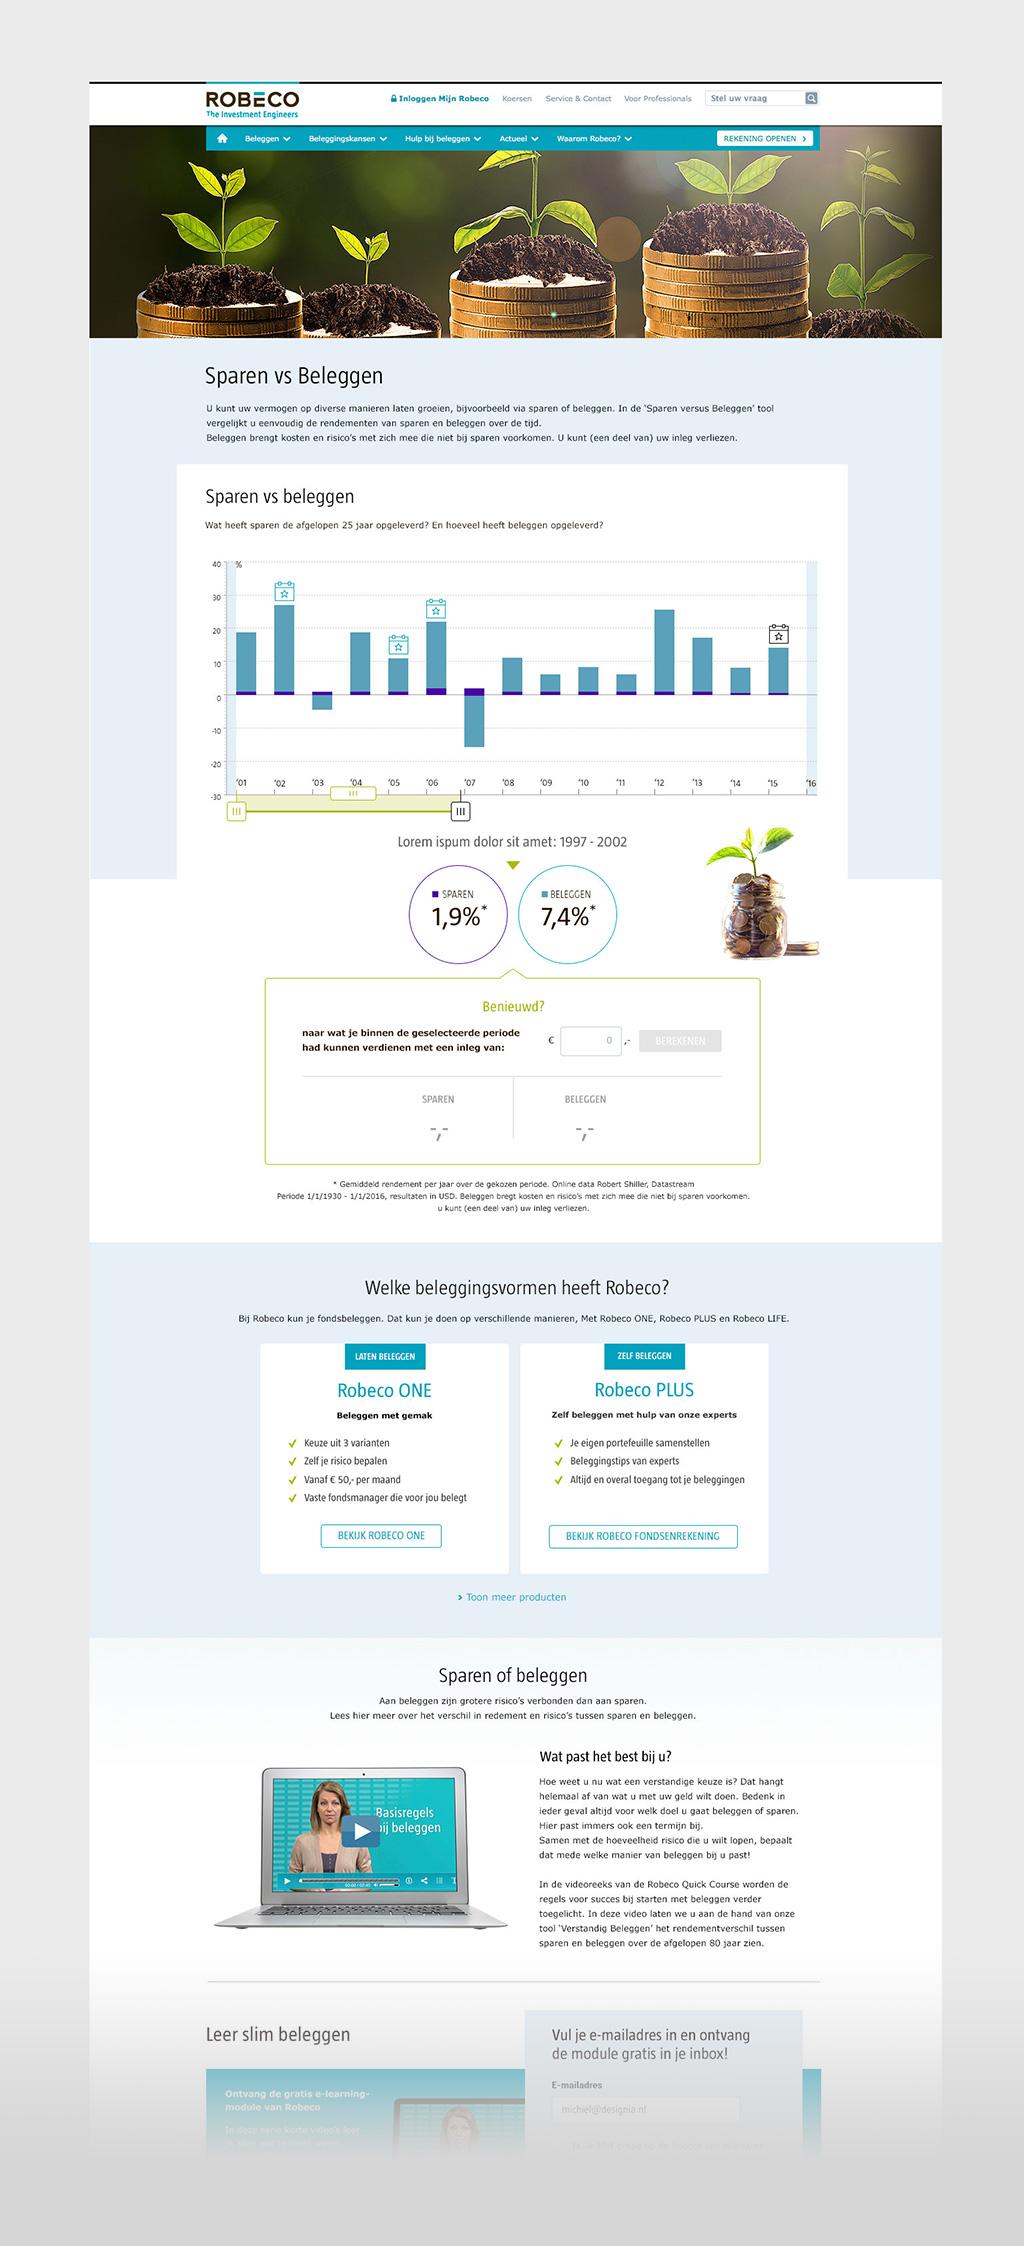 Afbeelding 5 van 6 - Re-design 'Sparen vs Beleggen' Landing page - Robeco web + mobile app optimalisaties